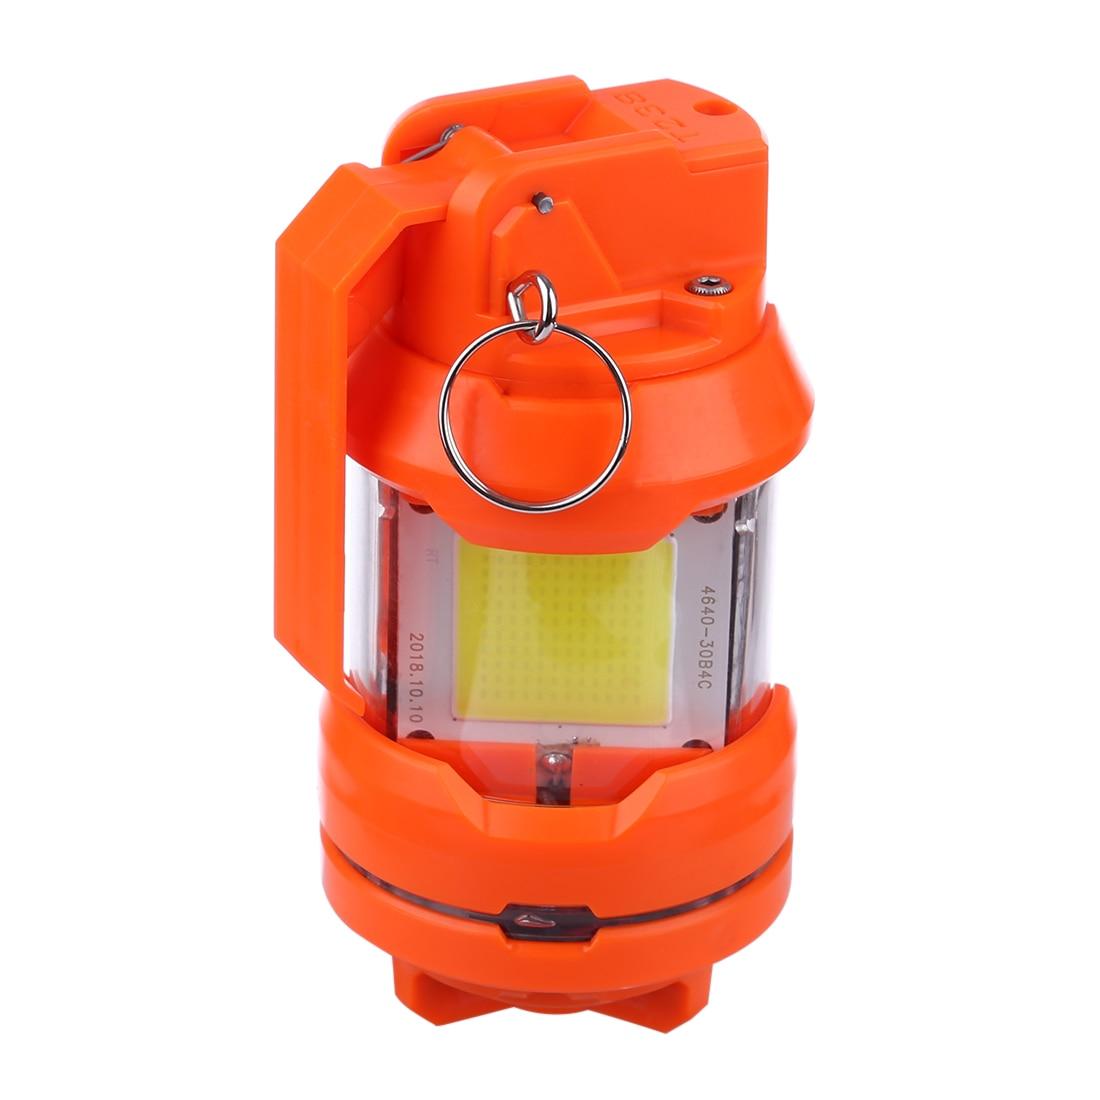 Flash bombe T238 LED fréquence lumineuse étourdissement pour batterie 11.1v pour Nerf perles d'eau Blaster nuit combat (sans batterie)